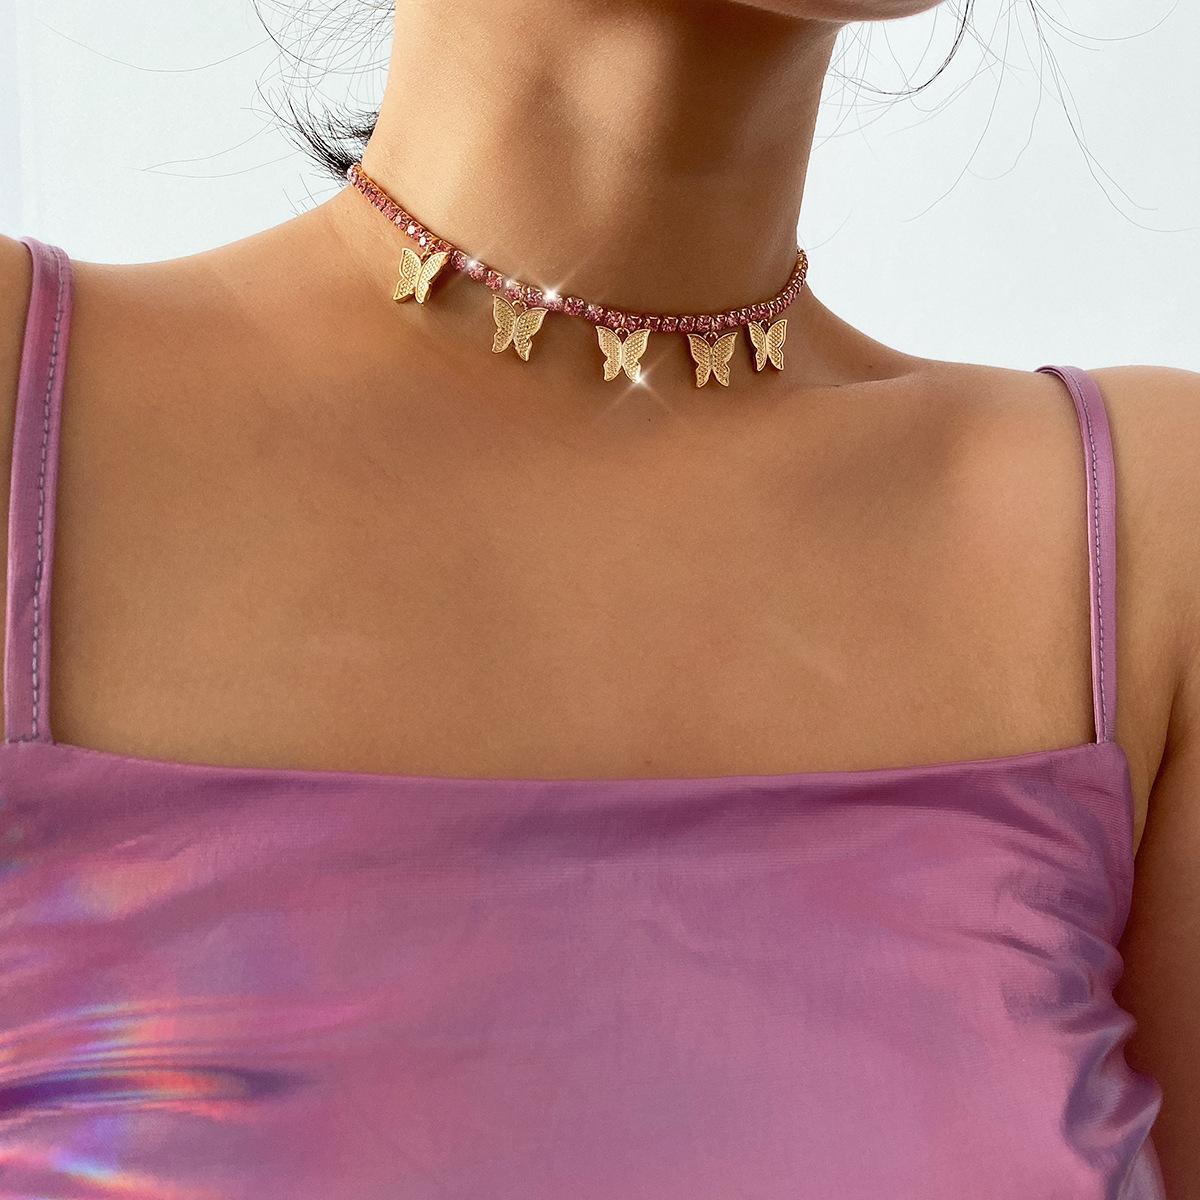 Collana a forma di farfalla carina con Colorful Collana girocollo a catena di collegamento con strass per le donne Charms gioielli festa